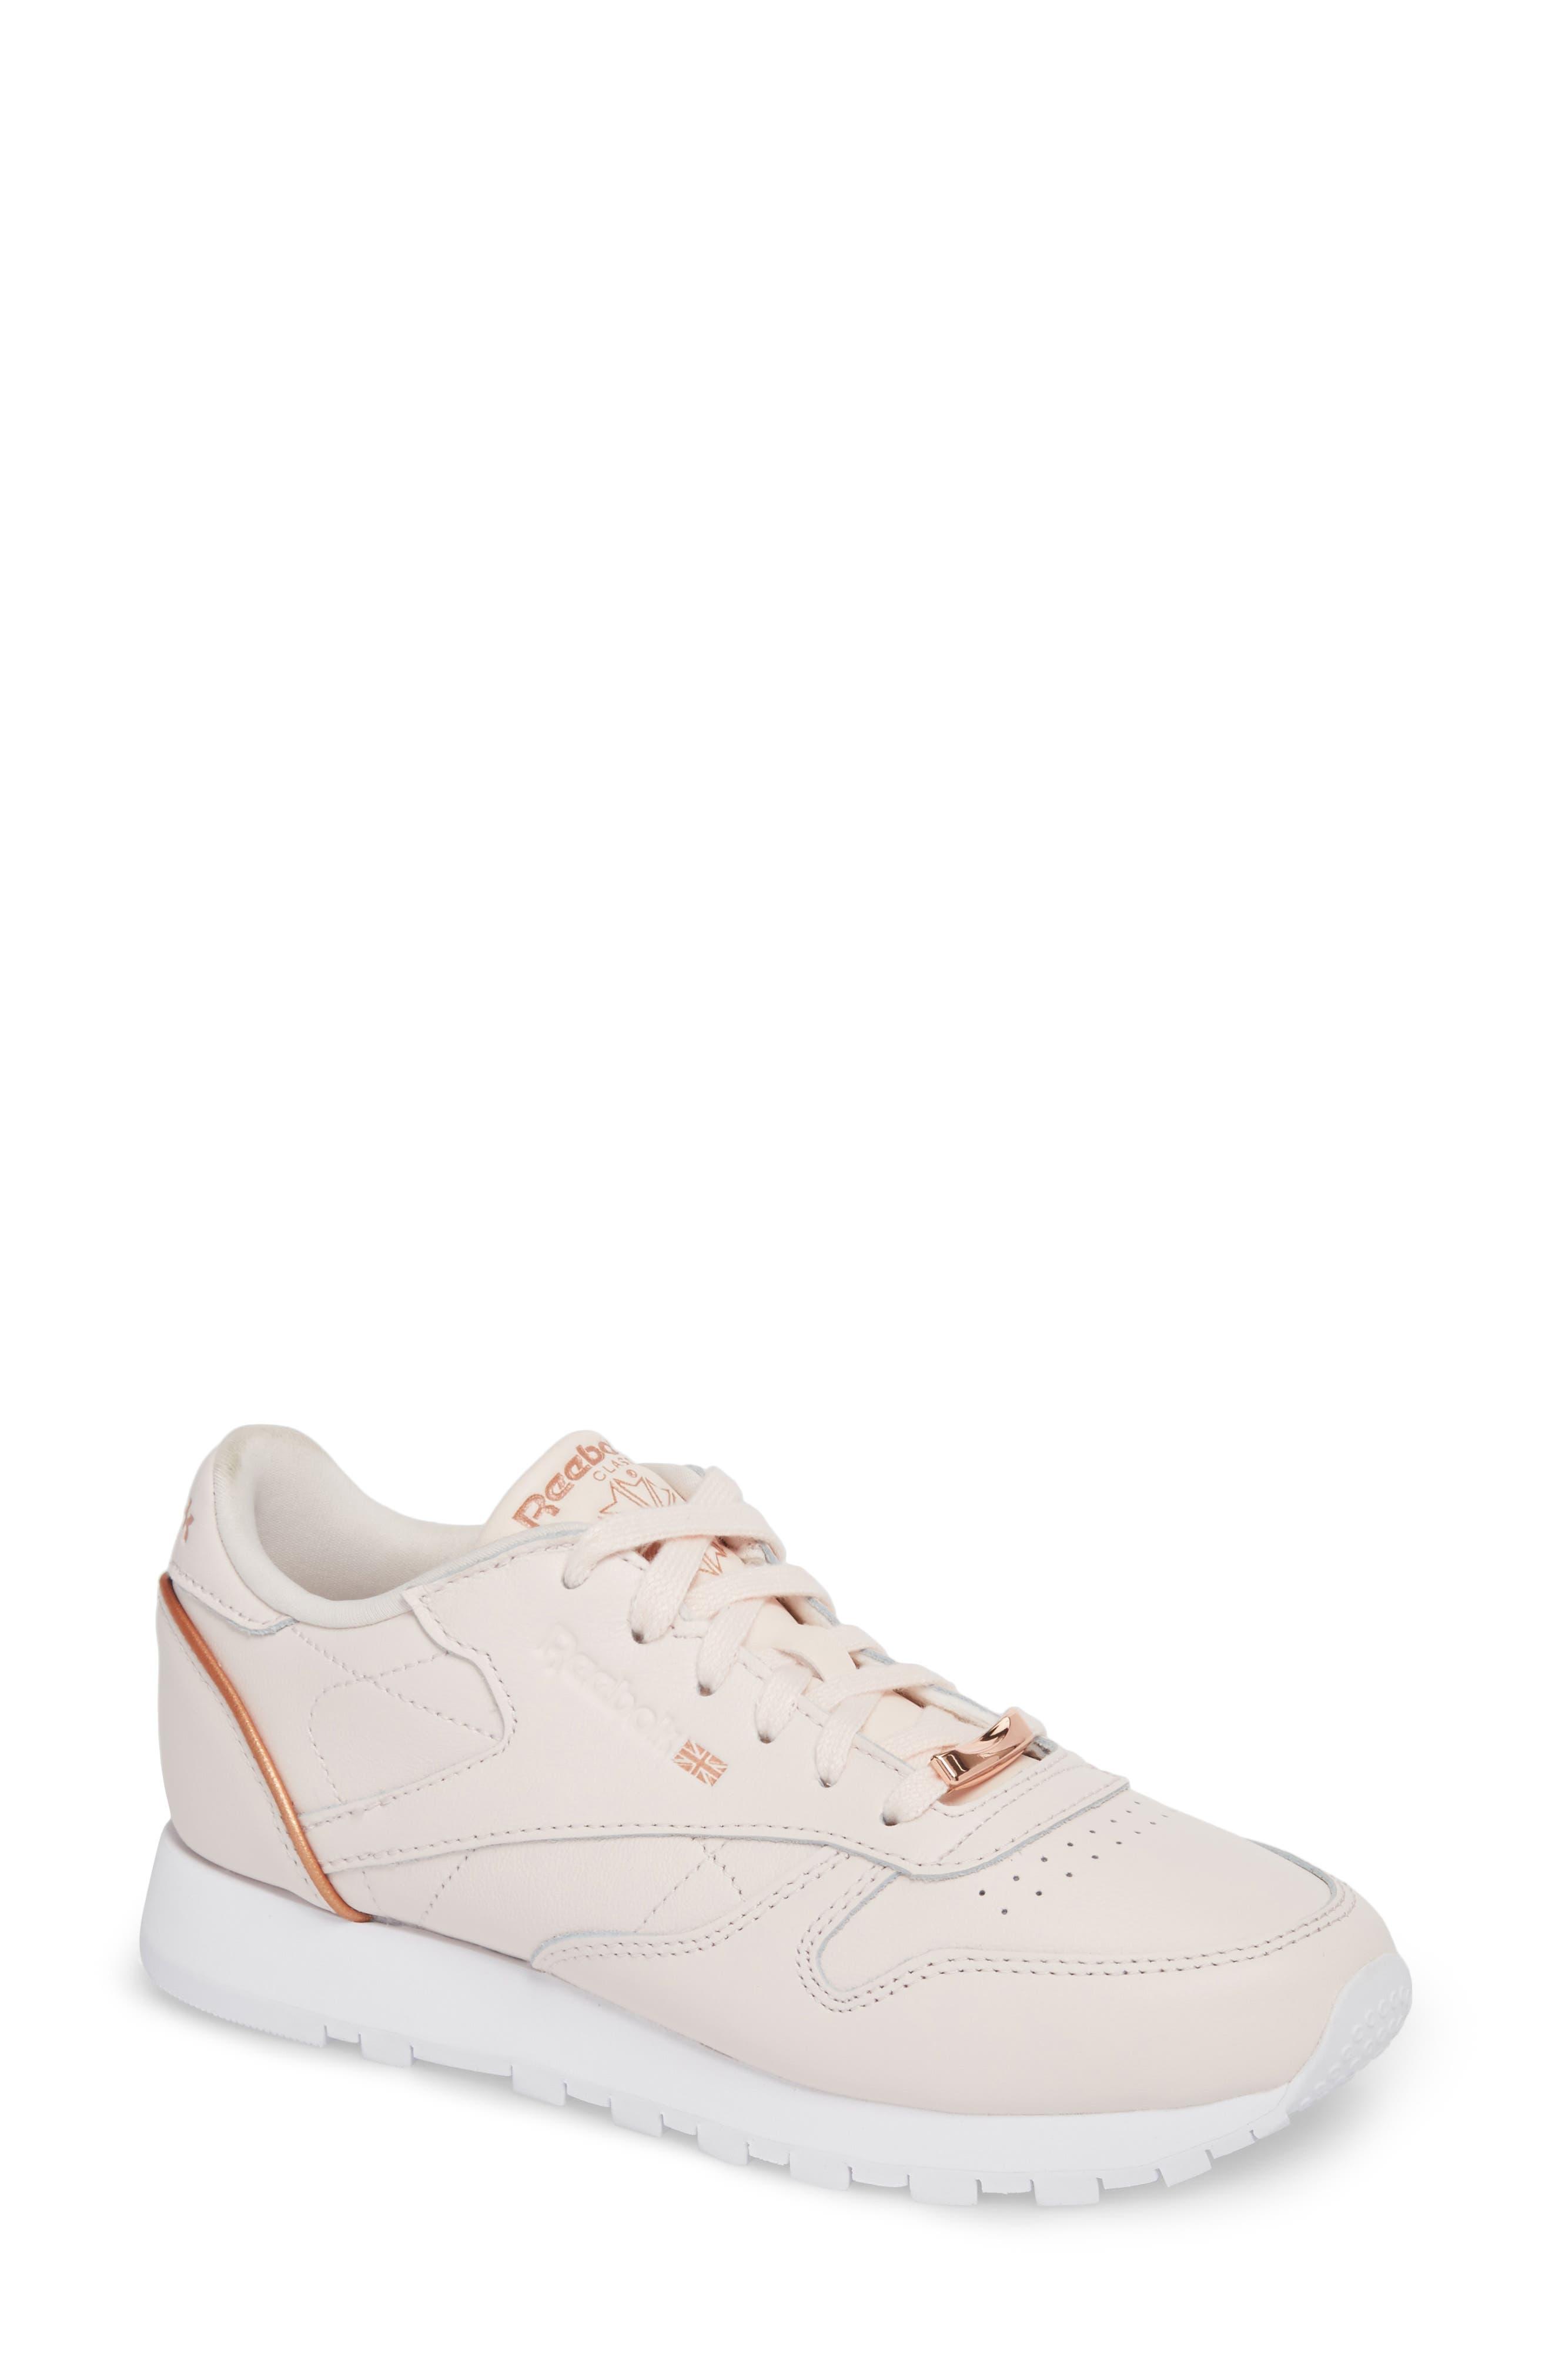 Main Image - Reebok Classic Leather HW Sneaker (Women)